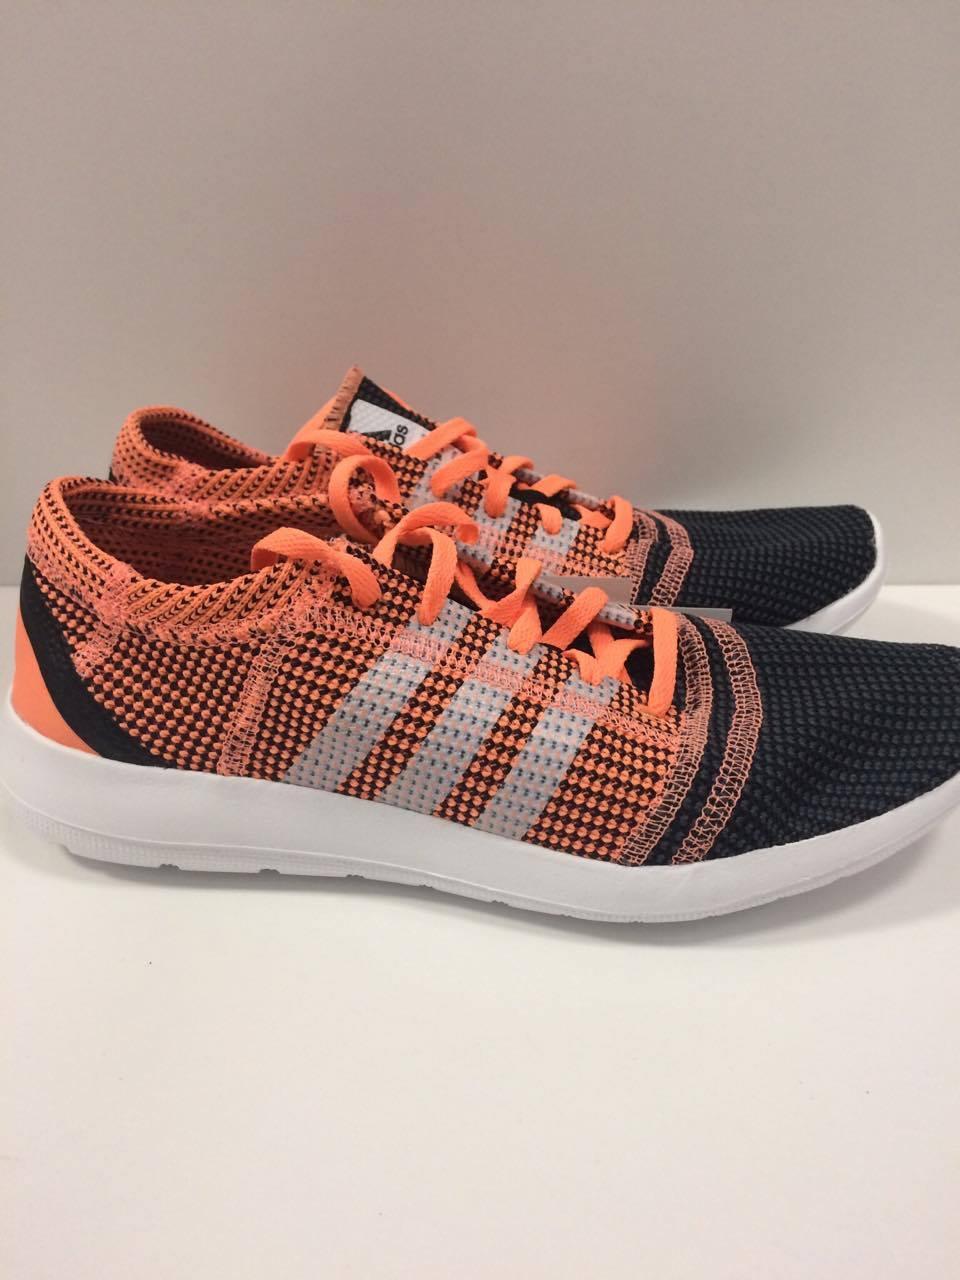 adidas buty sportowe damskie wyprzedaż